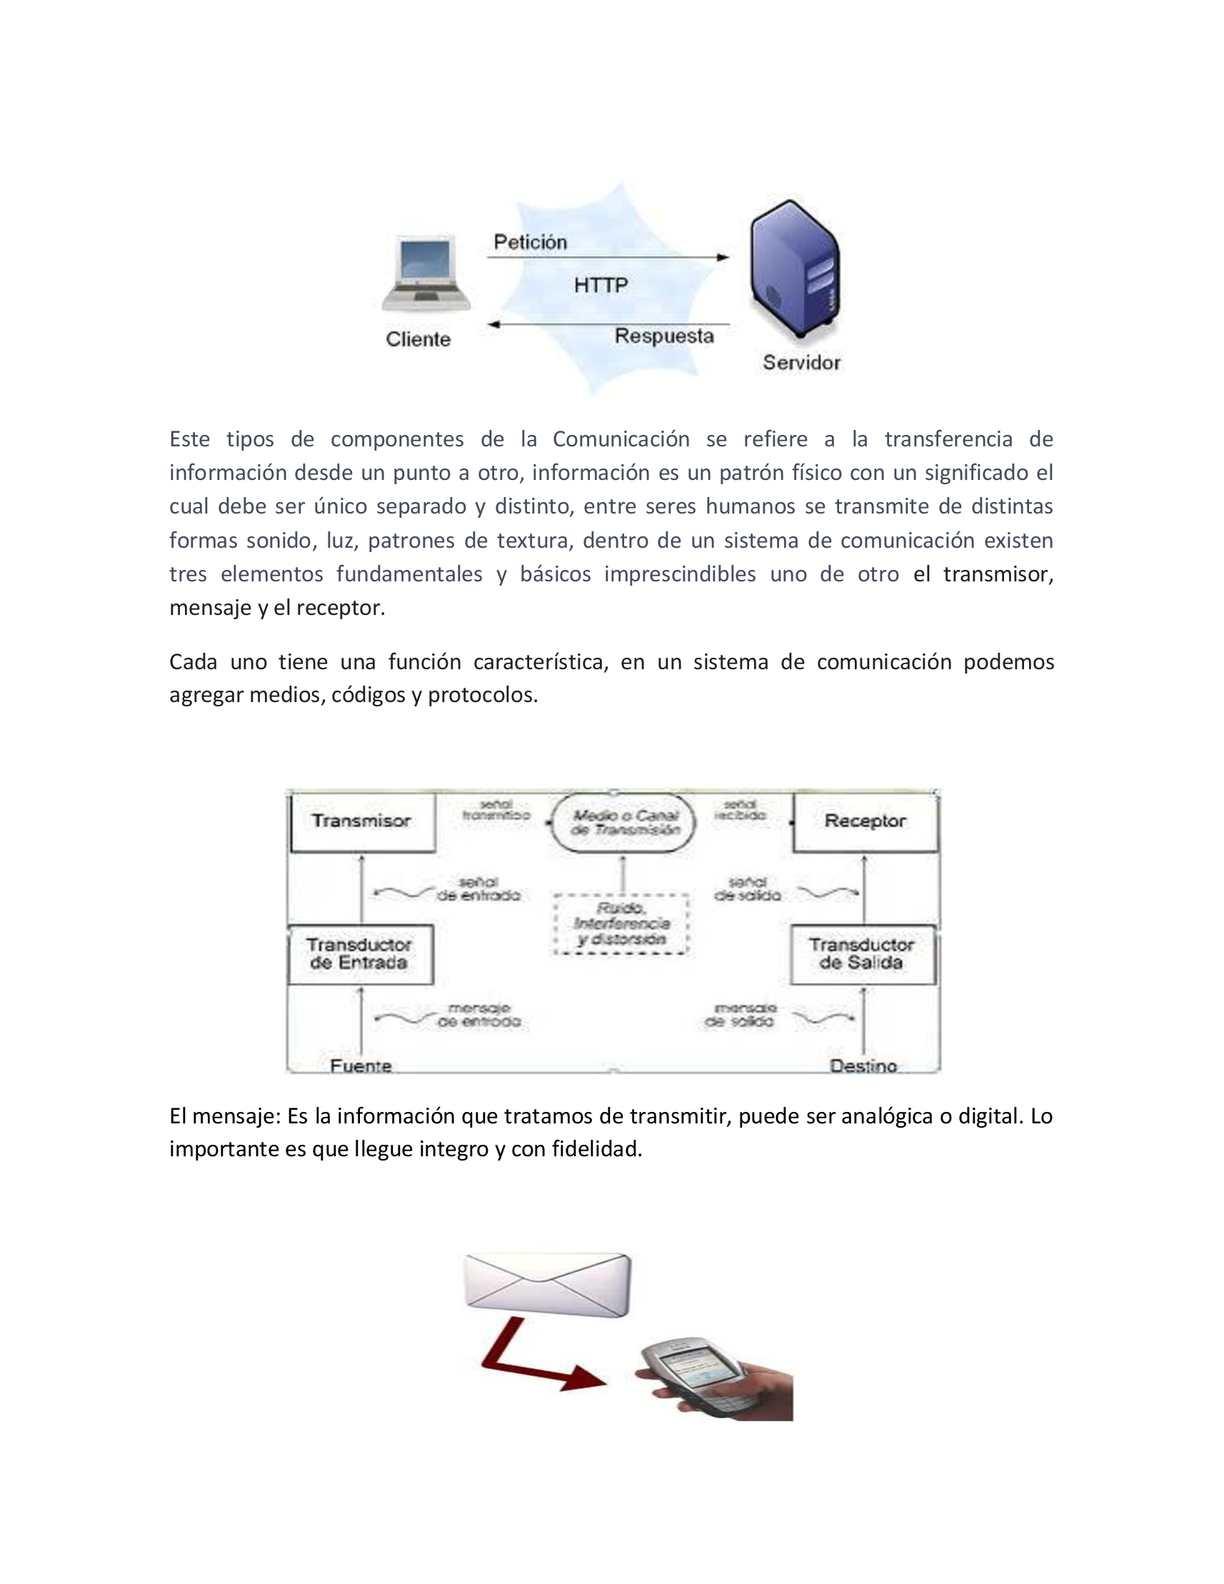 1.2 Receptor,Emisor,Receptor,Medios,Codigos Y Protocolos - CALAMEO ...